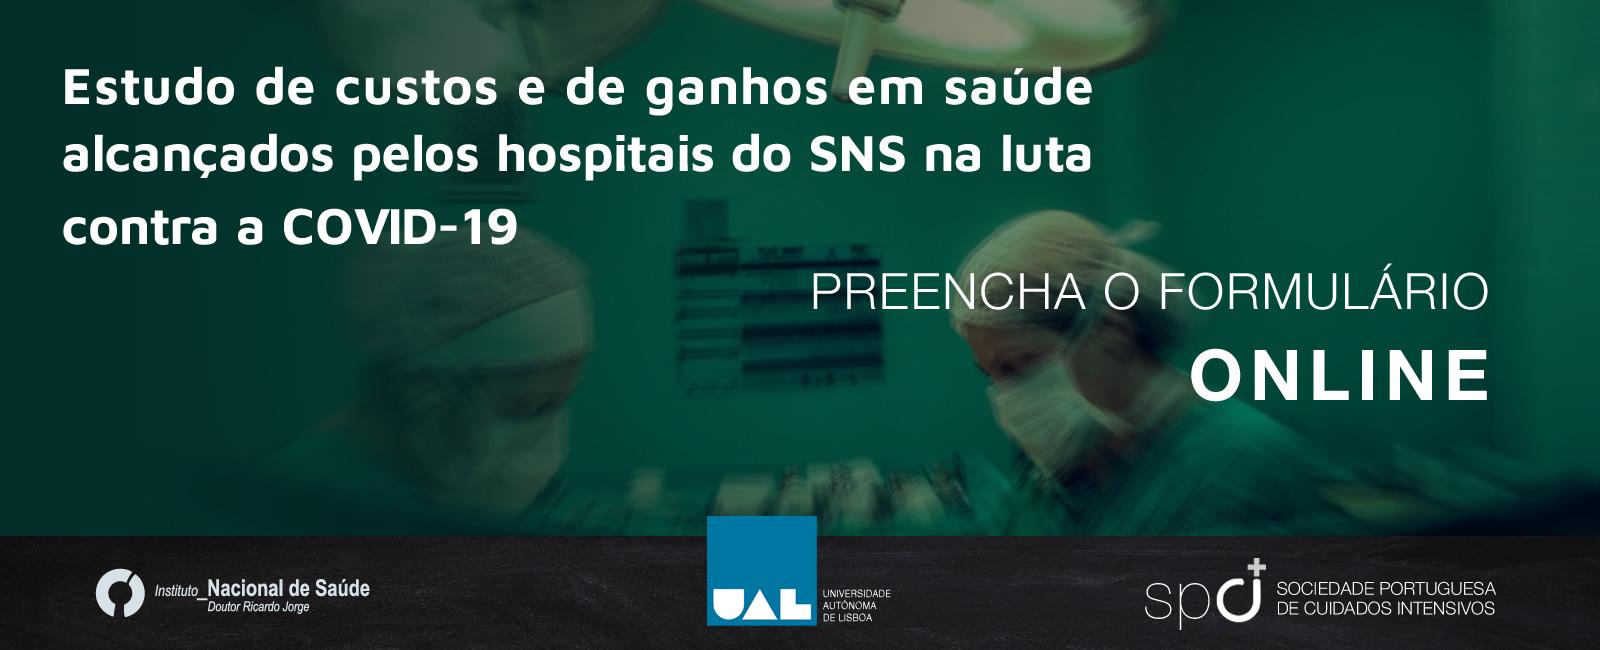 Estudo de custos e de ganhos em saúde alcançados pelos hospitais do SNS na luta contra a COVID-19